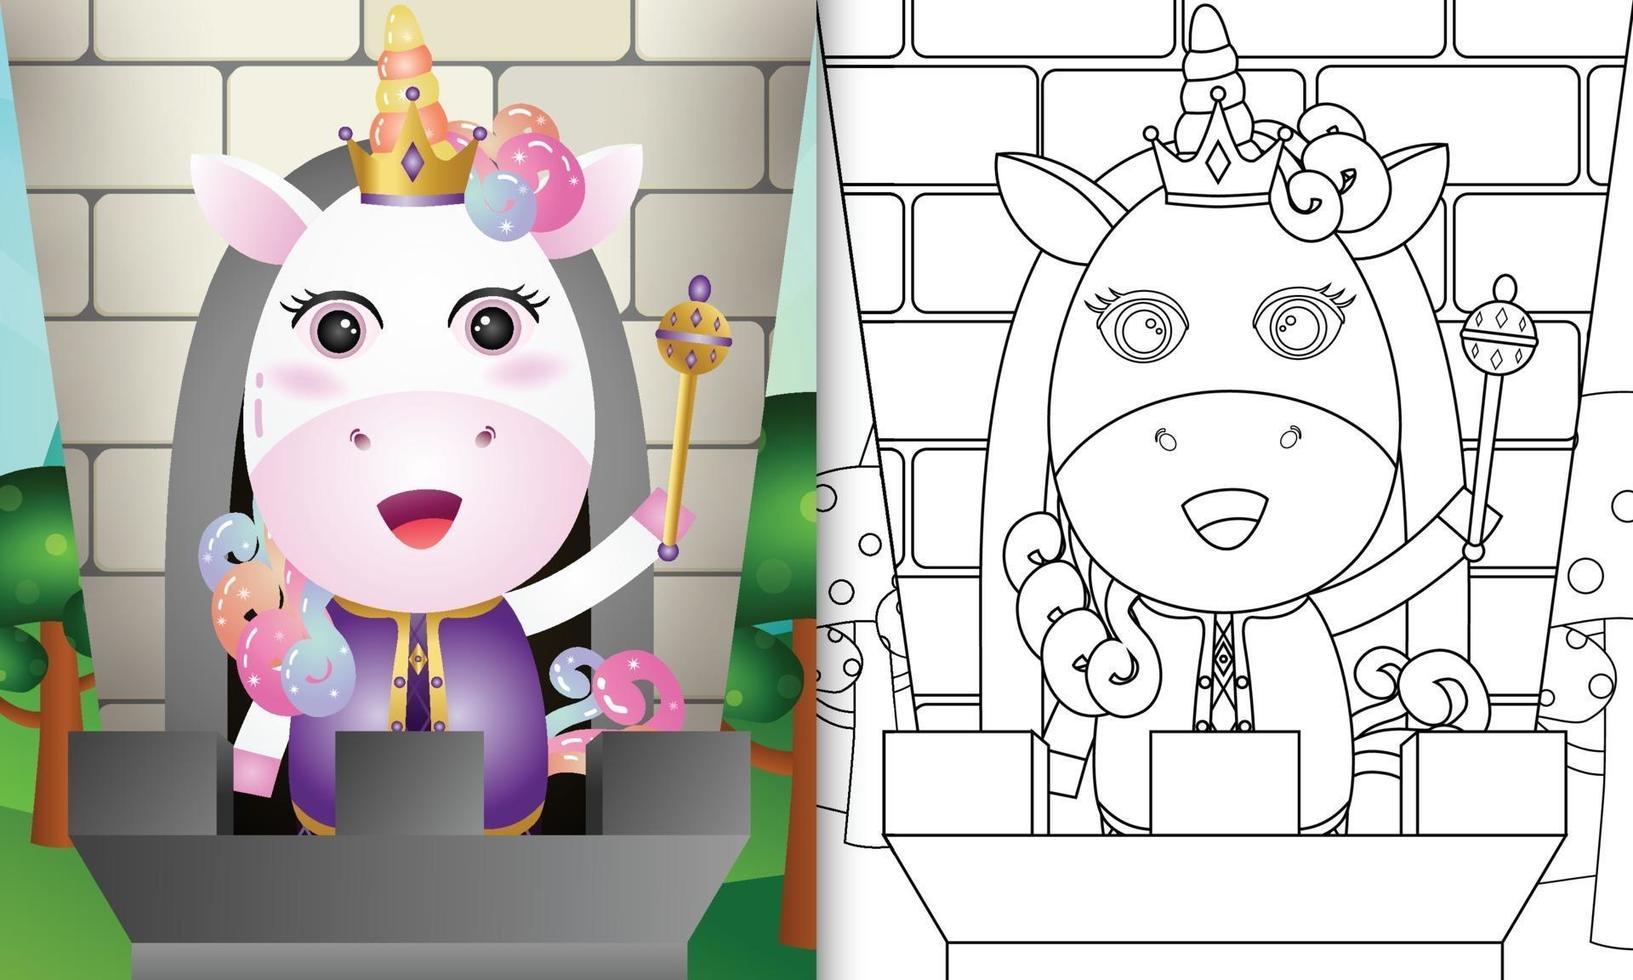 modèle de livre de coloriage pour les enfants avec une illustration de personnage mignon roi licorne vecteur